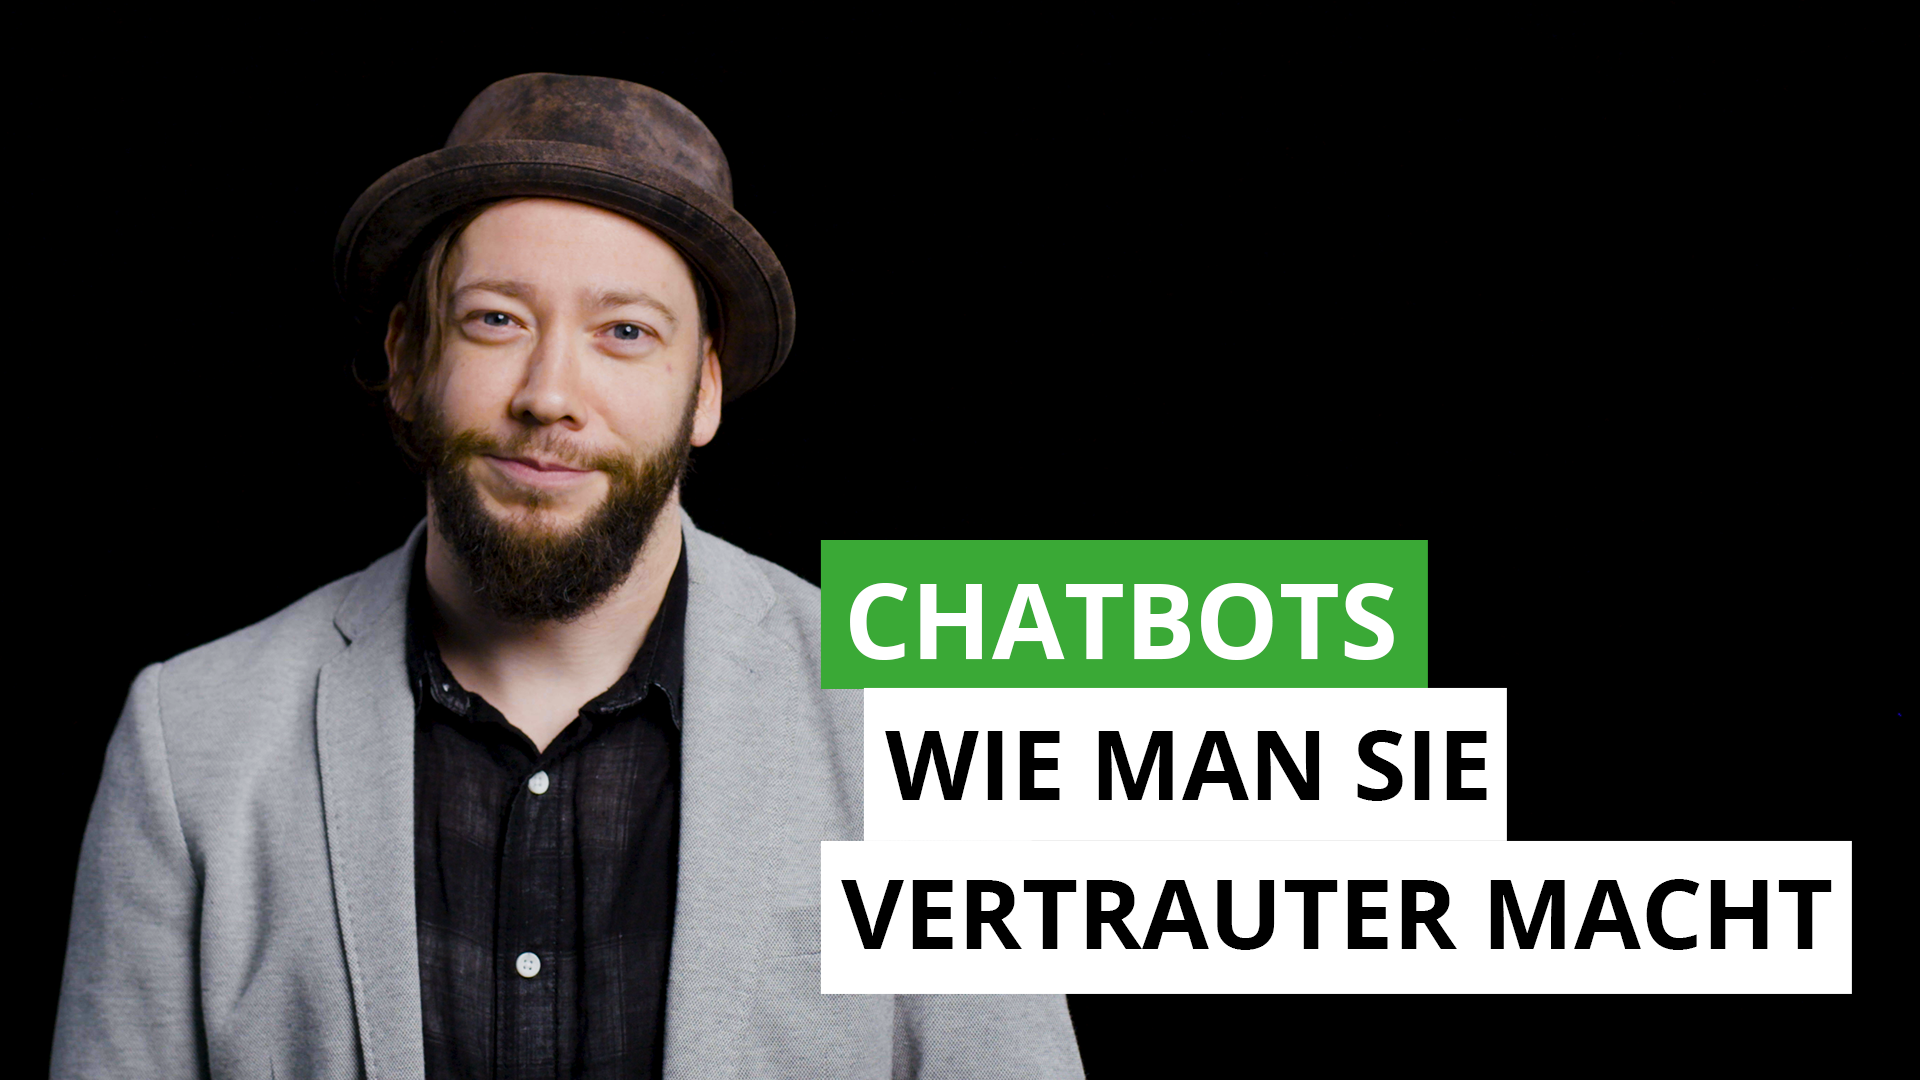 Chatbots- Wie man sie vertrauter macht